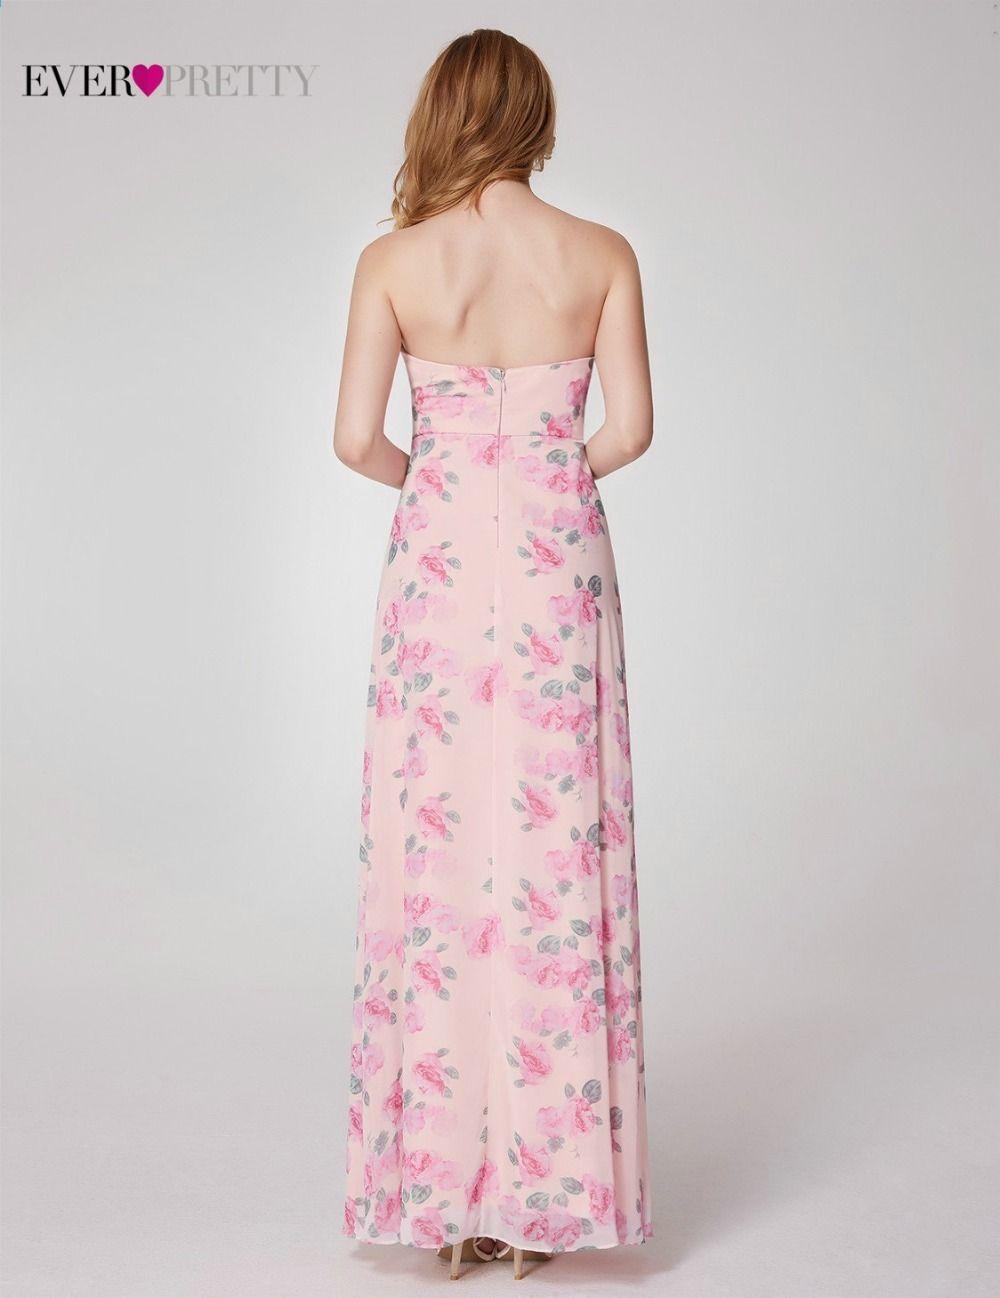 Kiedykolwiek Dosc Szyfonowa Kwiat Drukowane Suknie Druhna 2018 Dziewczyna Sukie Long Bridesmaid Dresses Pretty Bridesmaid Dresses Sleeveless Bridesmaid Dresses